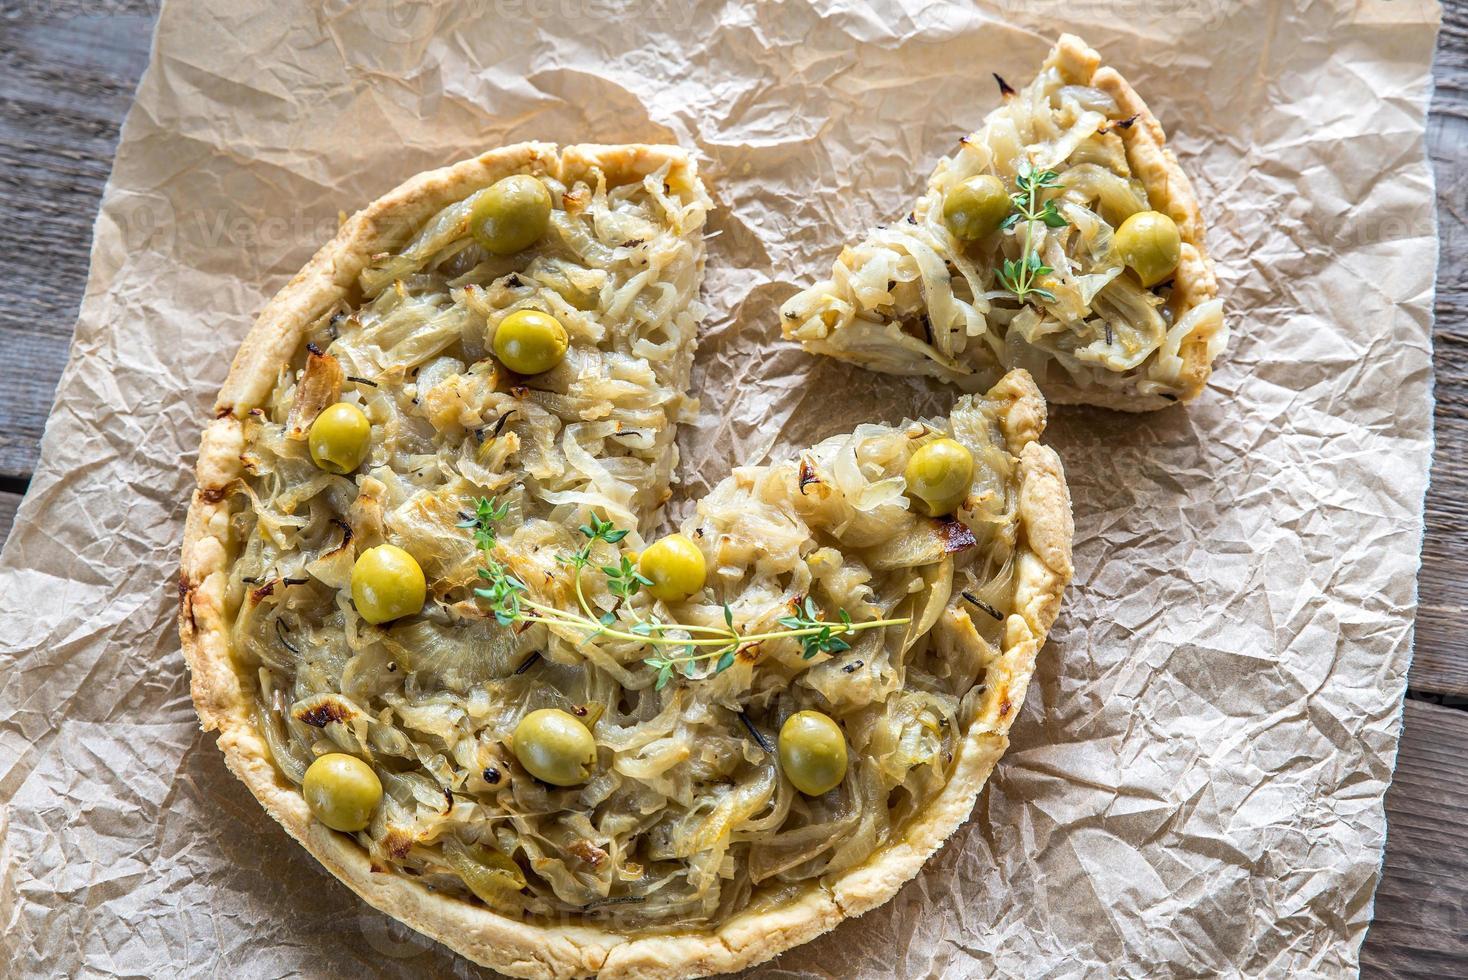 tarte aux oignons français photo